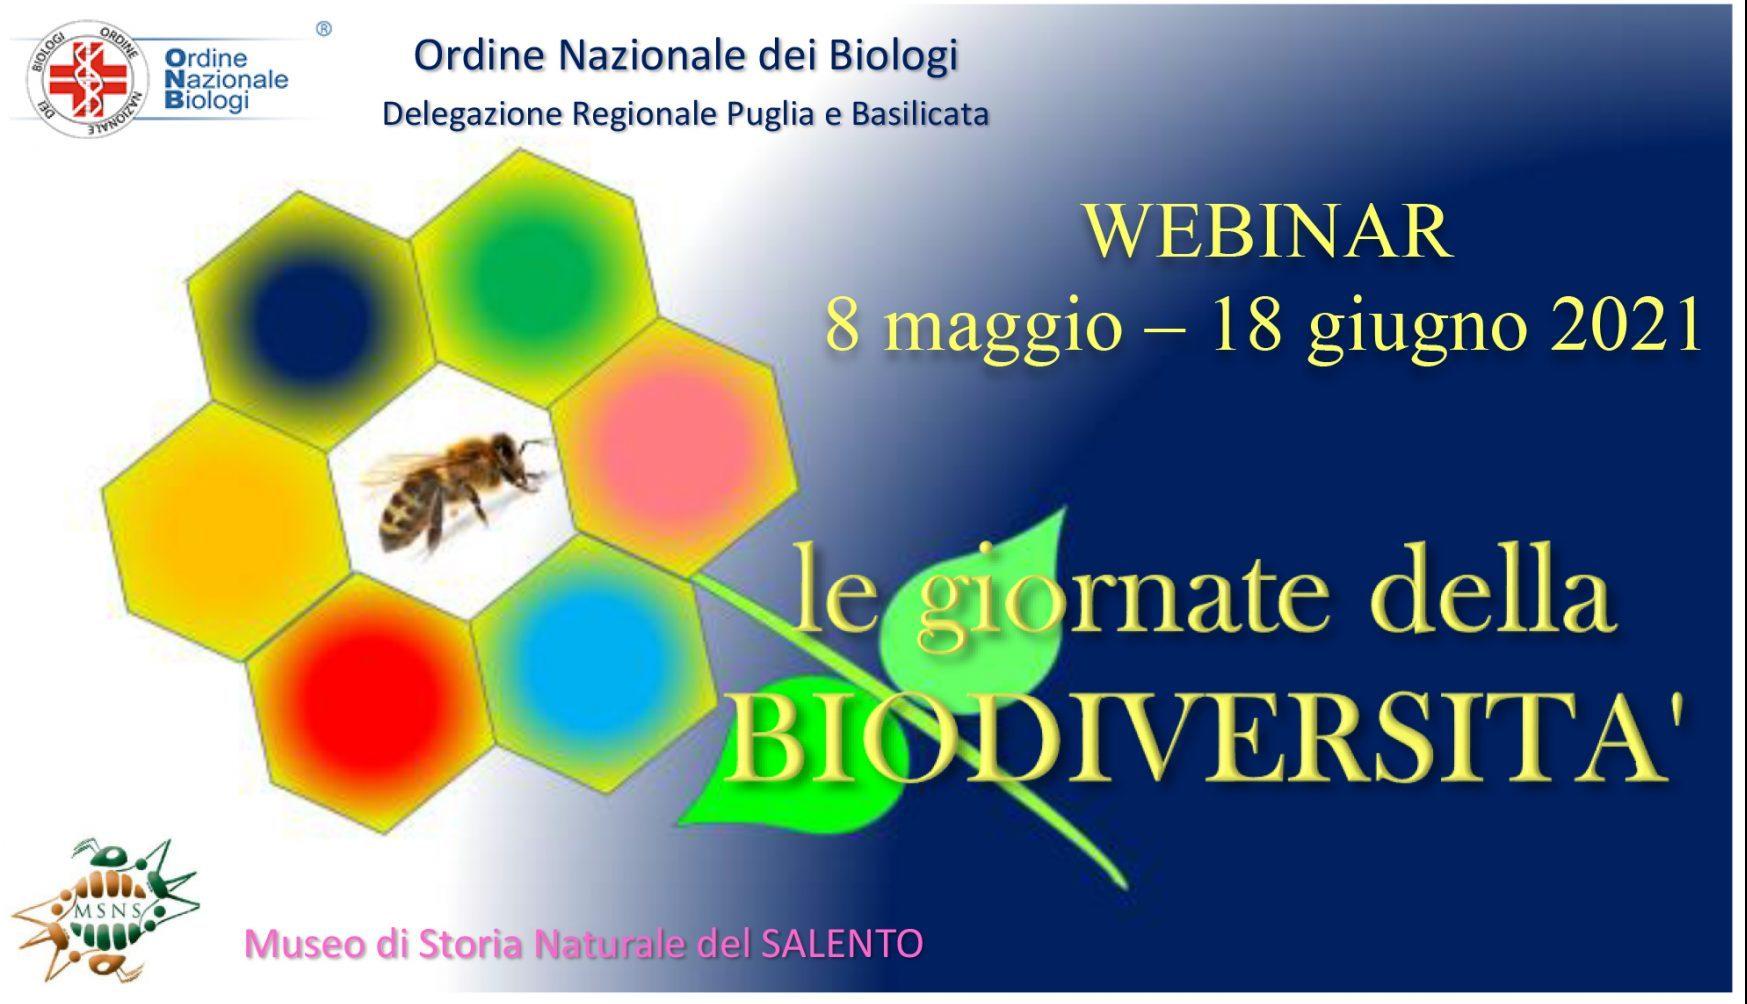 Le giornate della biodiversità: ciclo di webinar dall'8 maggio al 23 giugno